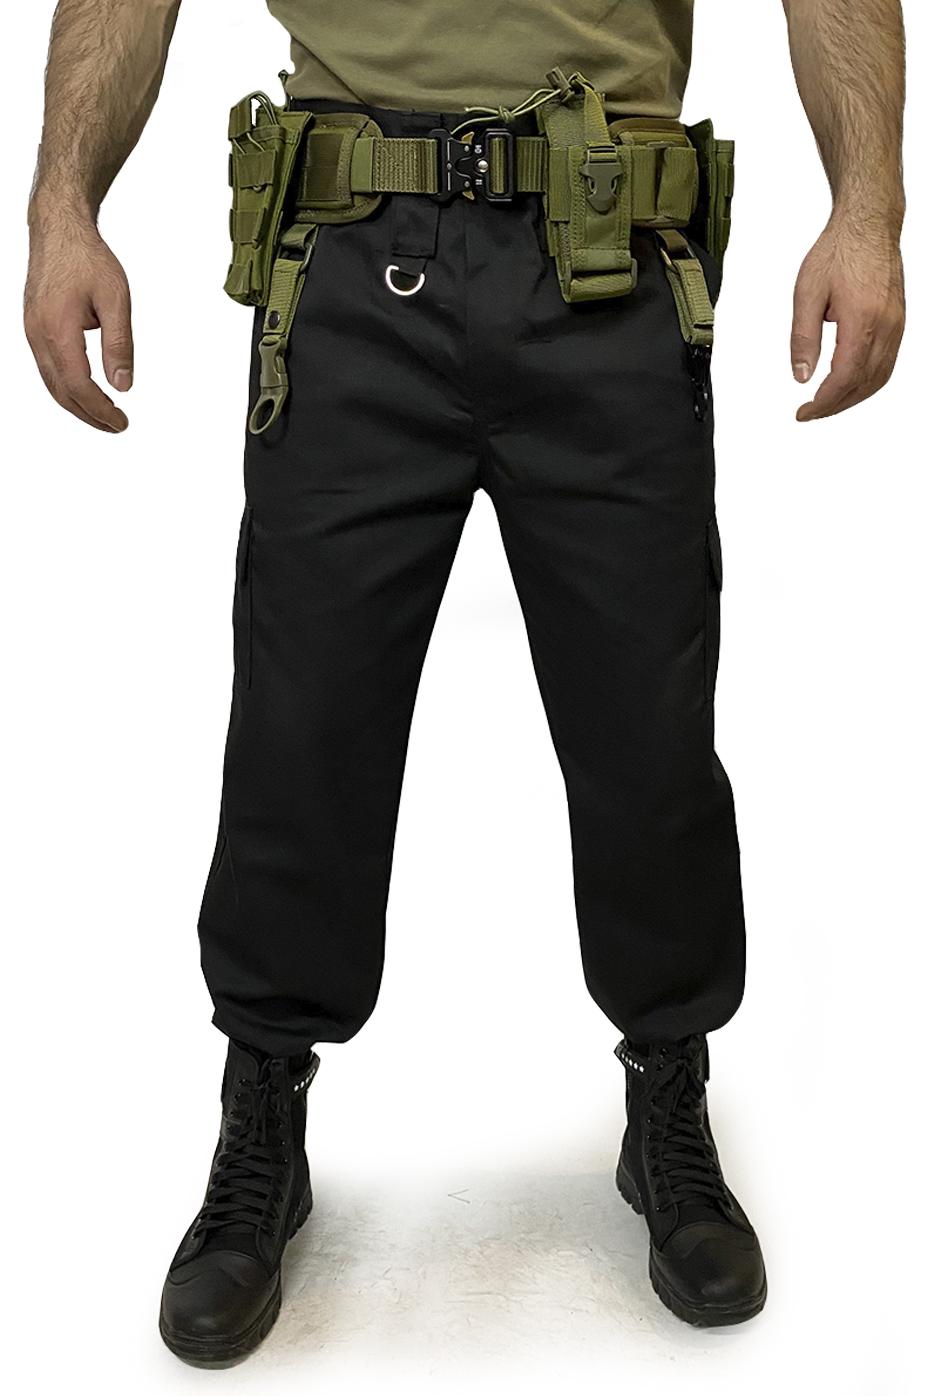 Разгрузочный бандаж (варбелт) с подсумками на фастексе Cobra (олива)